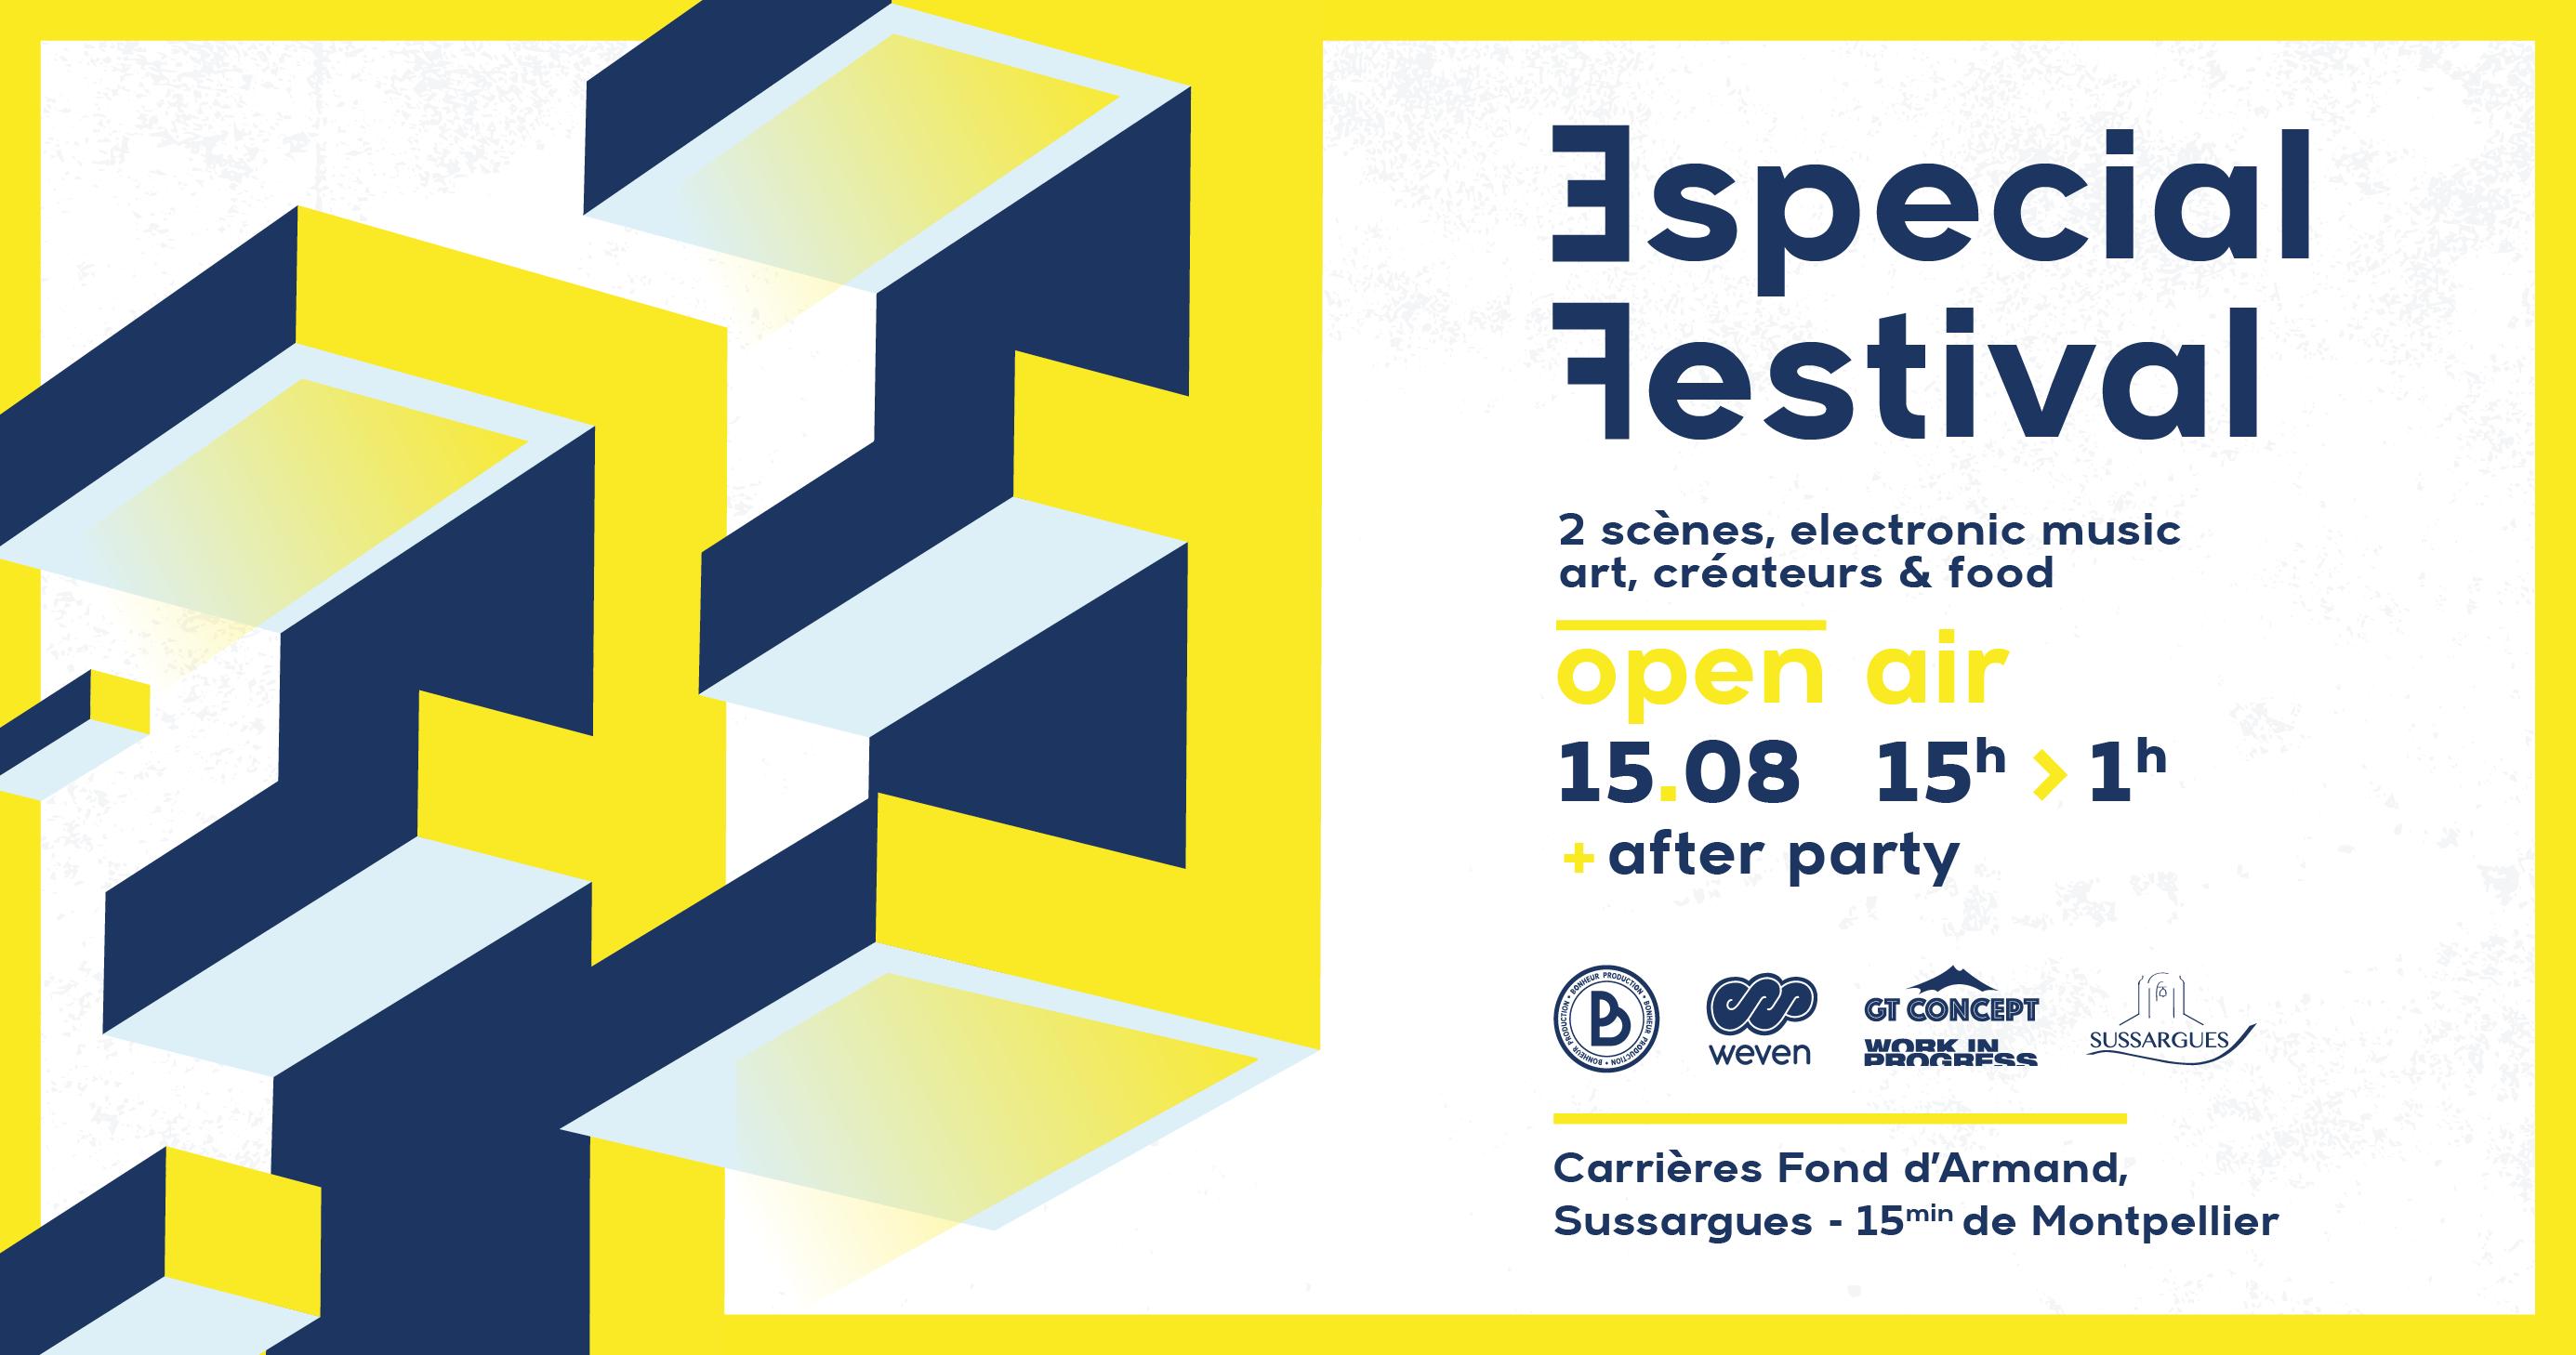 Especial Festival 2020